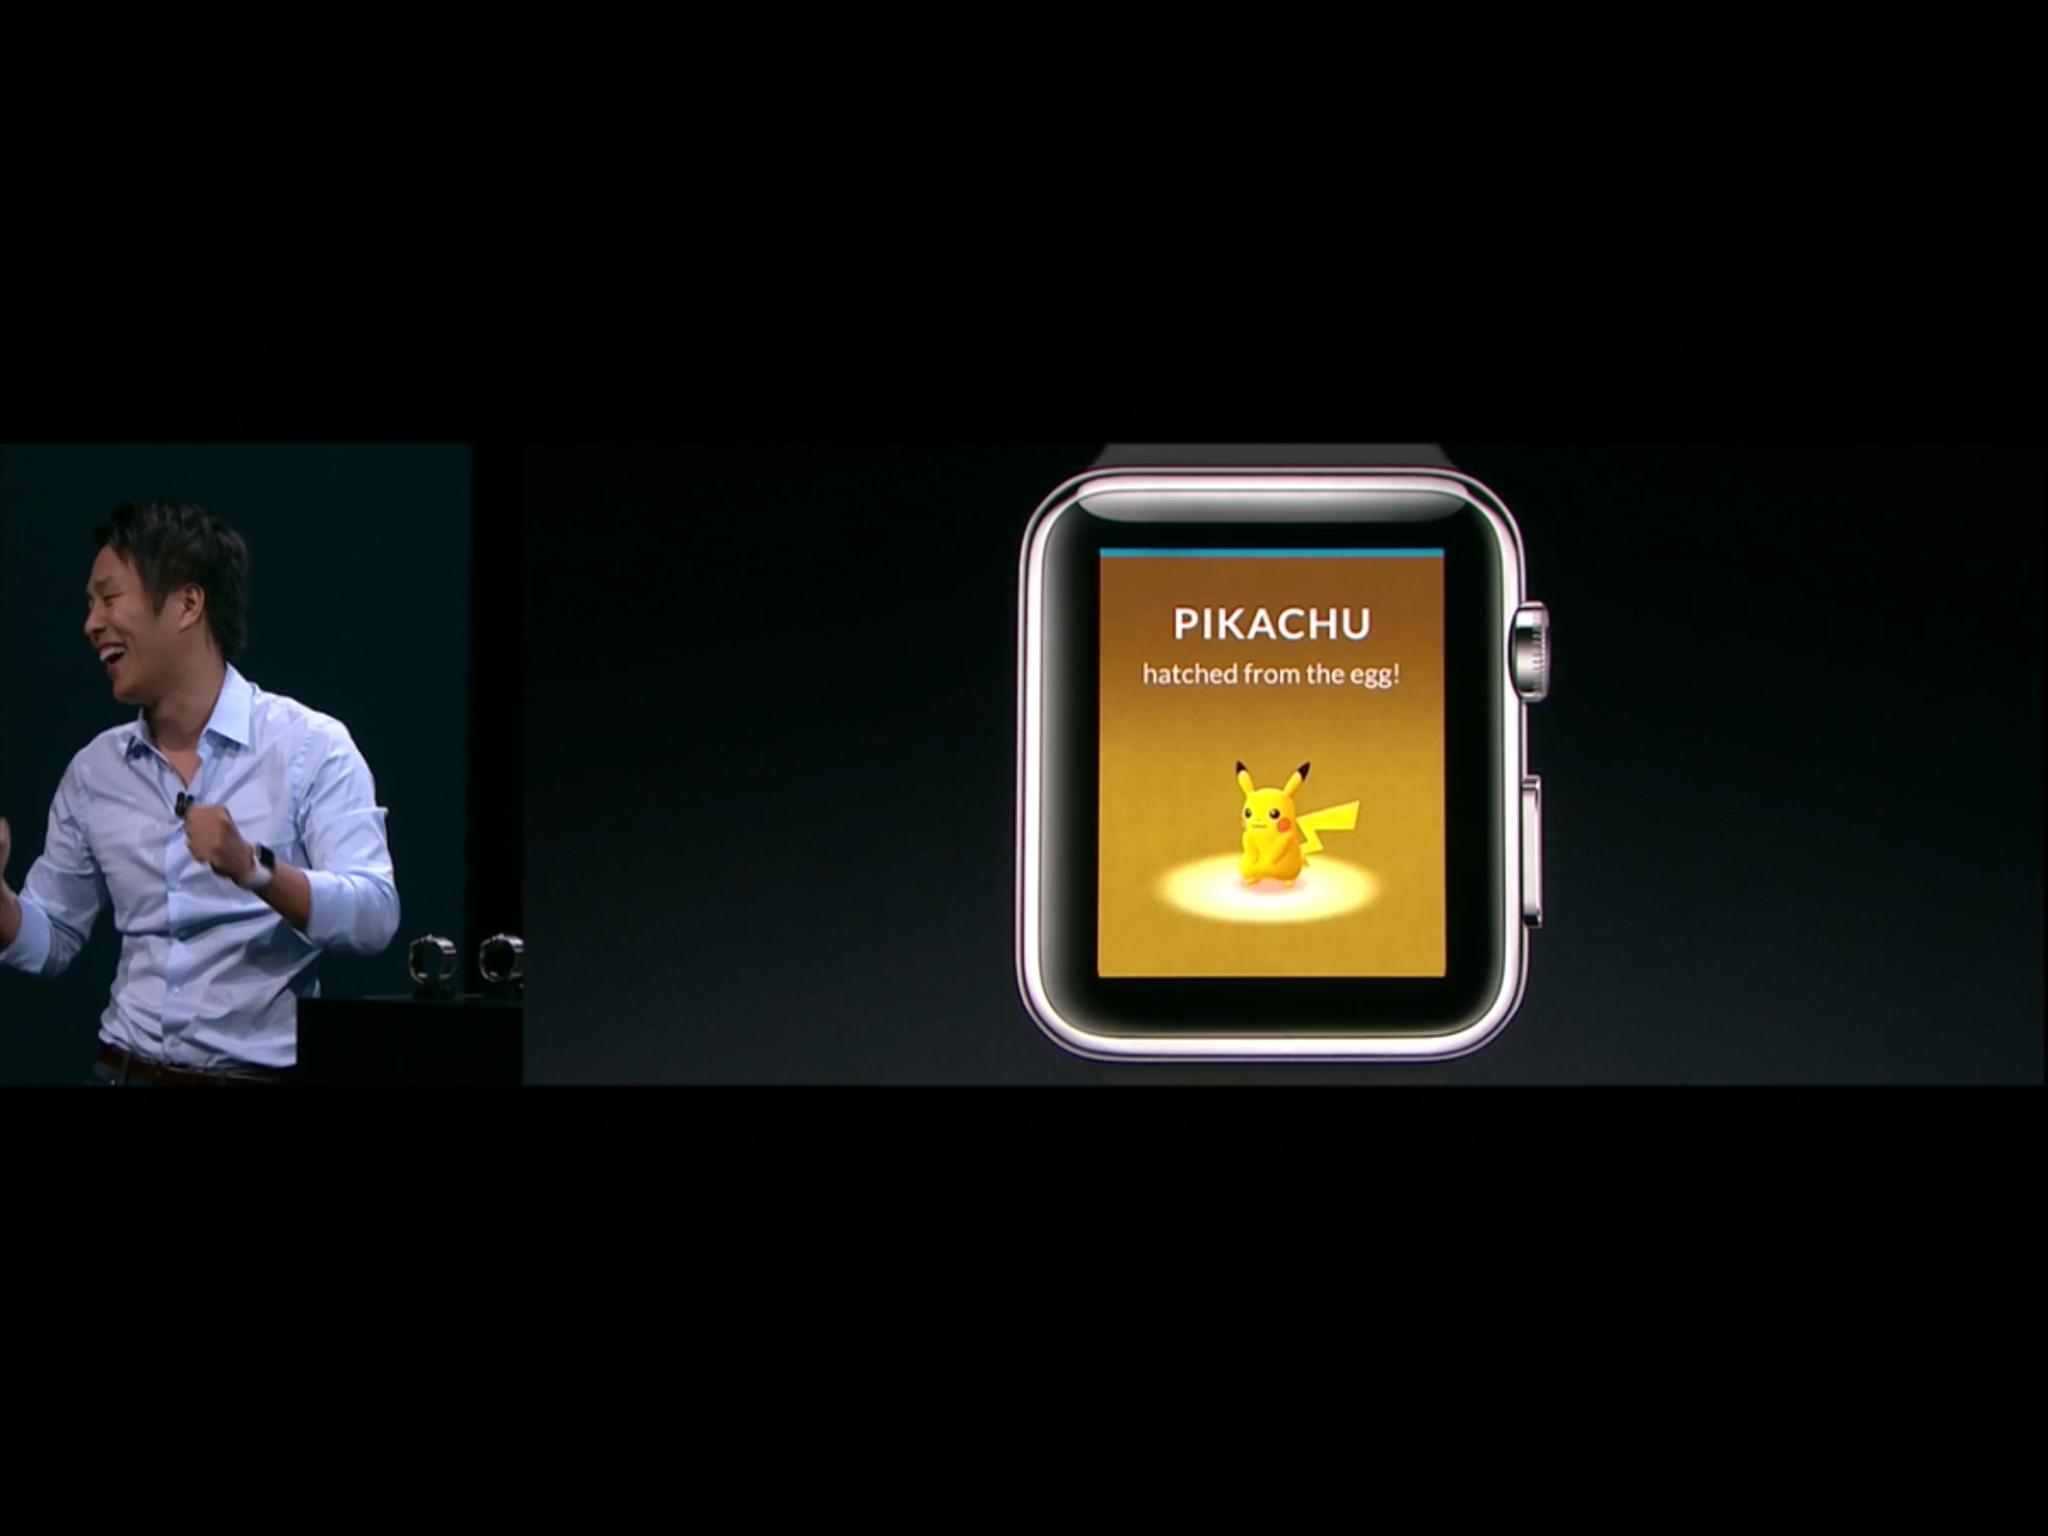 55de0095fd4 Pokemon GO Lands On The Apple Watch - Smartwatch.me